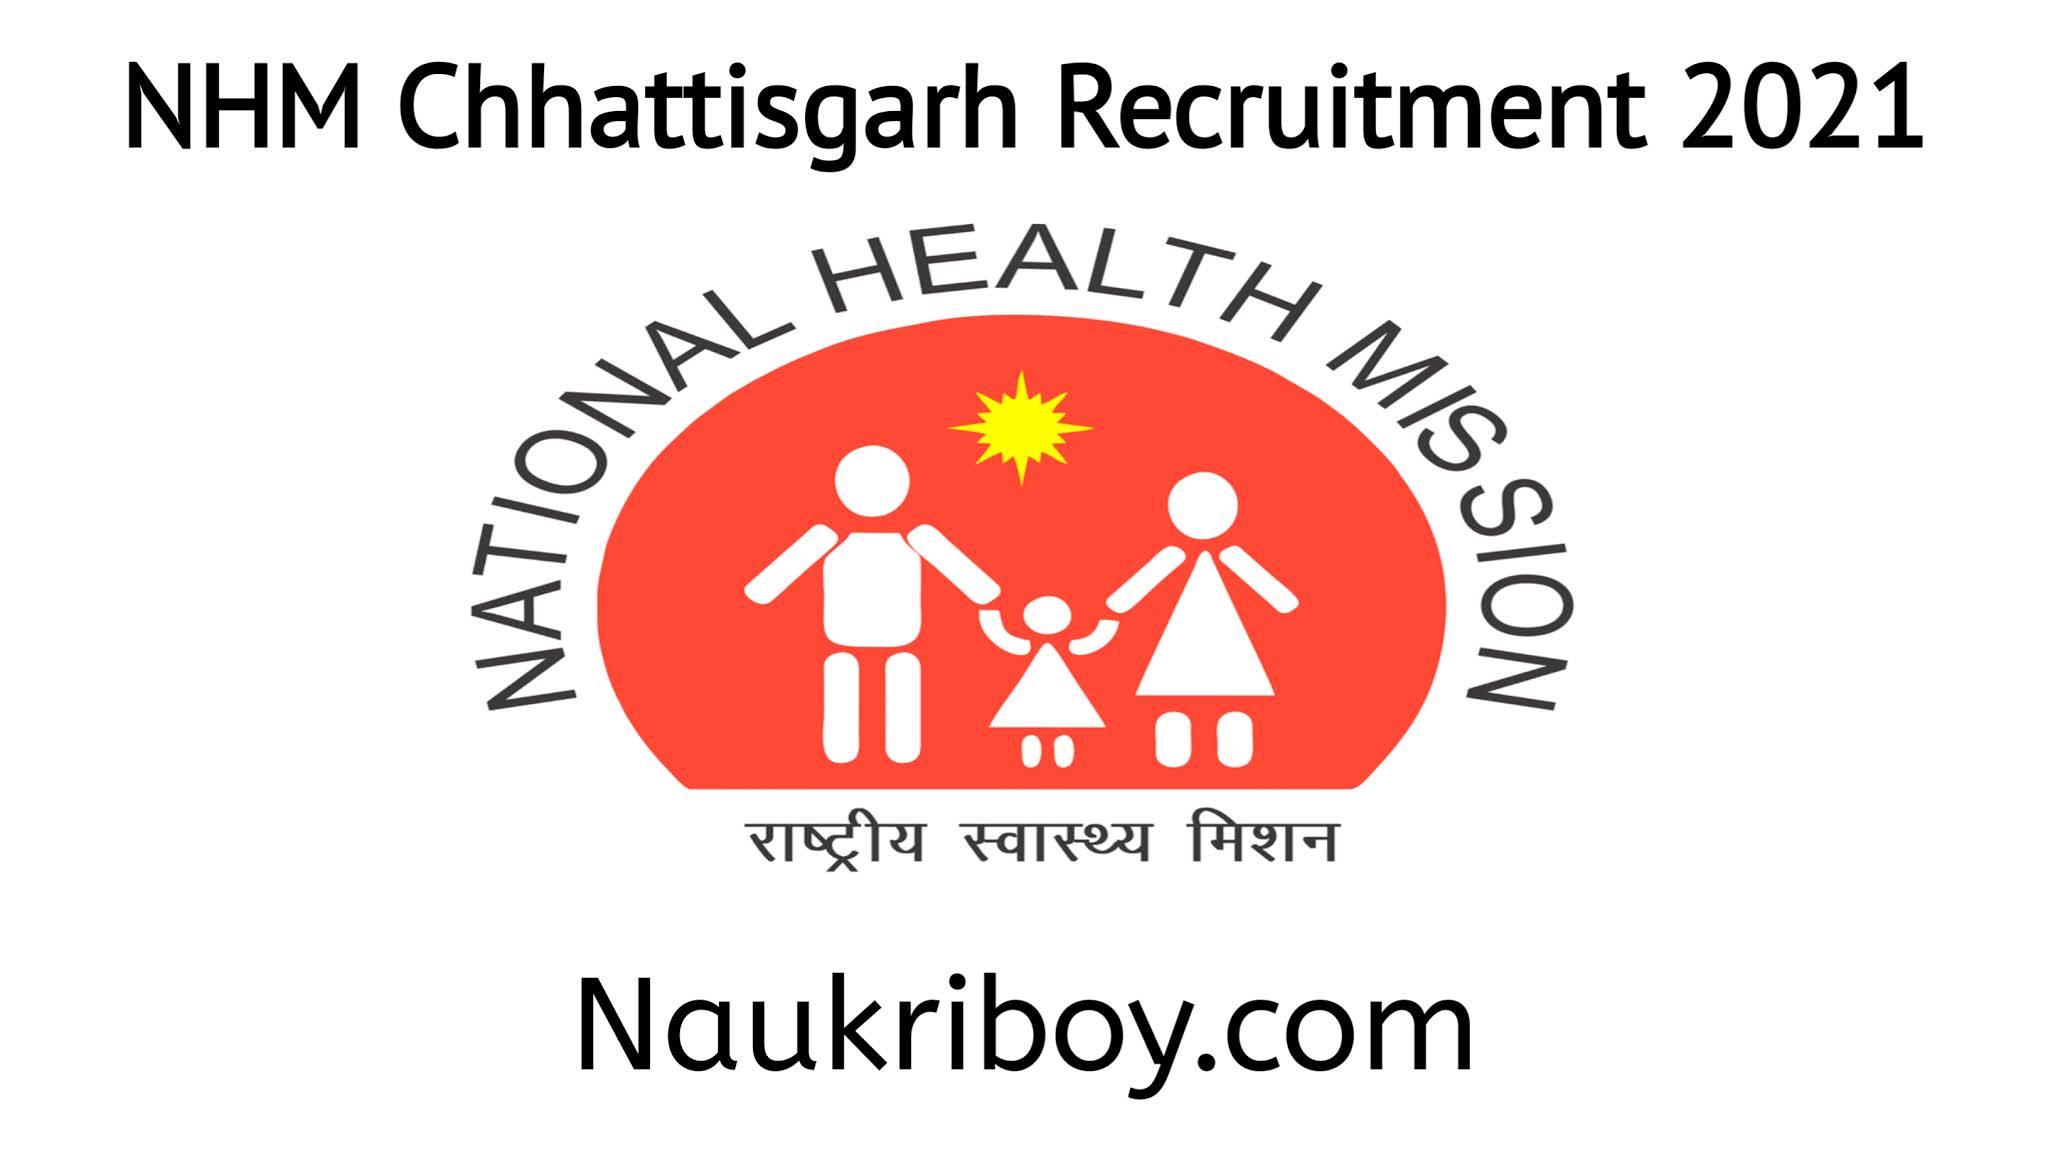 NHM Chhhattisgarh Recruitment 2021, CMHO Recruitment 2021, Health Deaprtment Jobs Chhattisgarh, Naukriboy.com